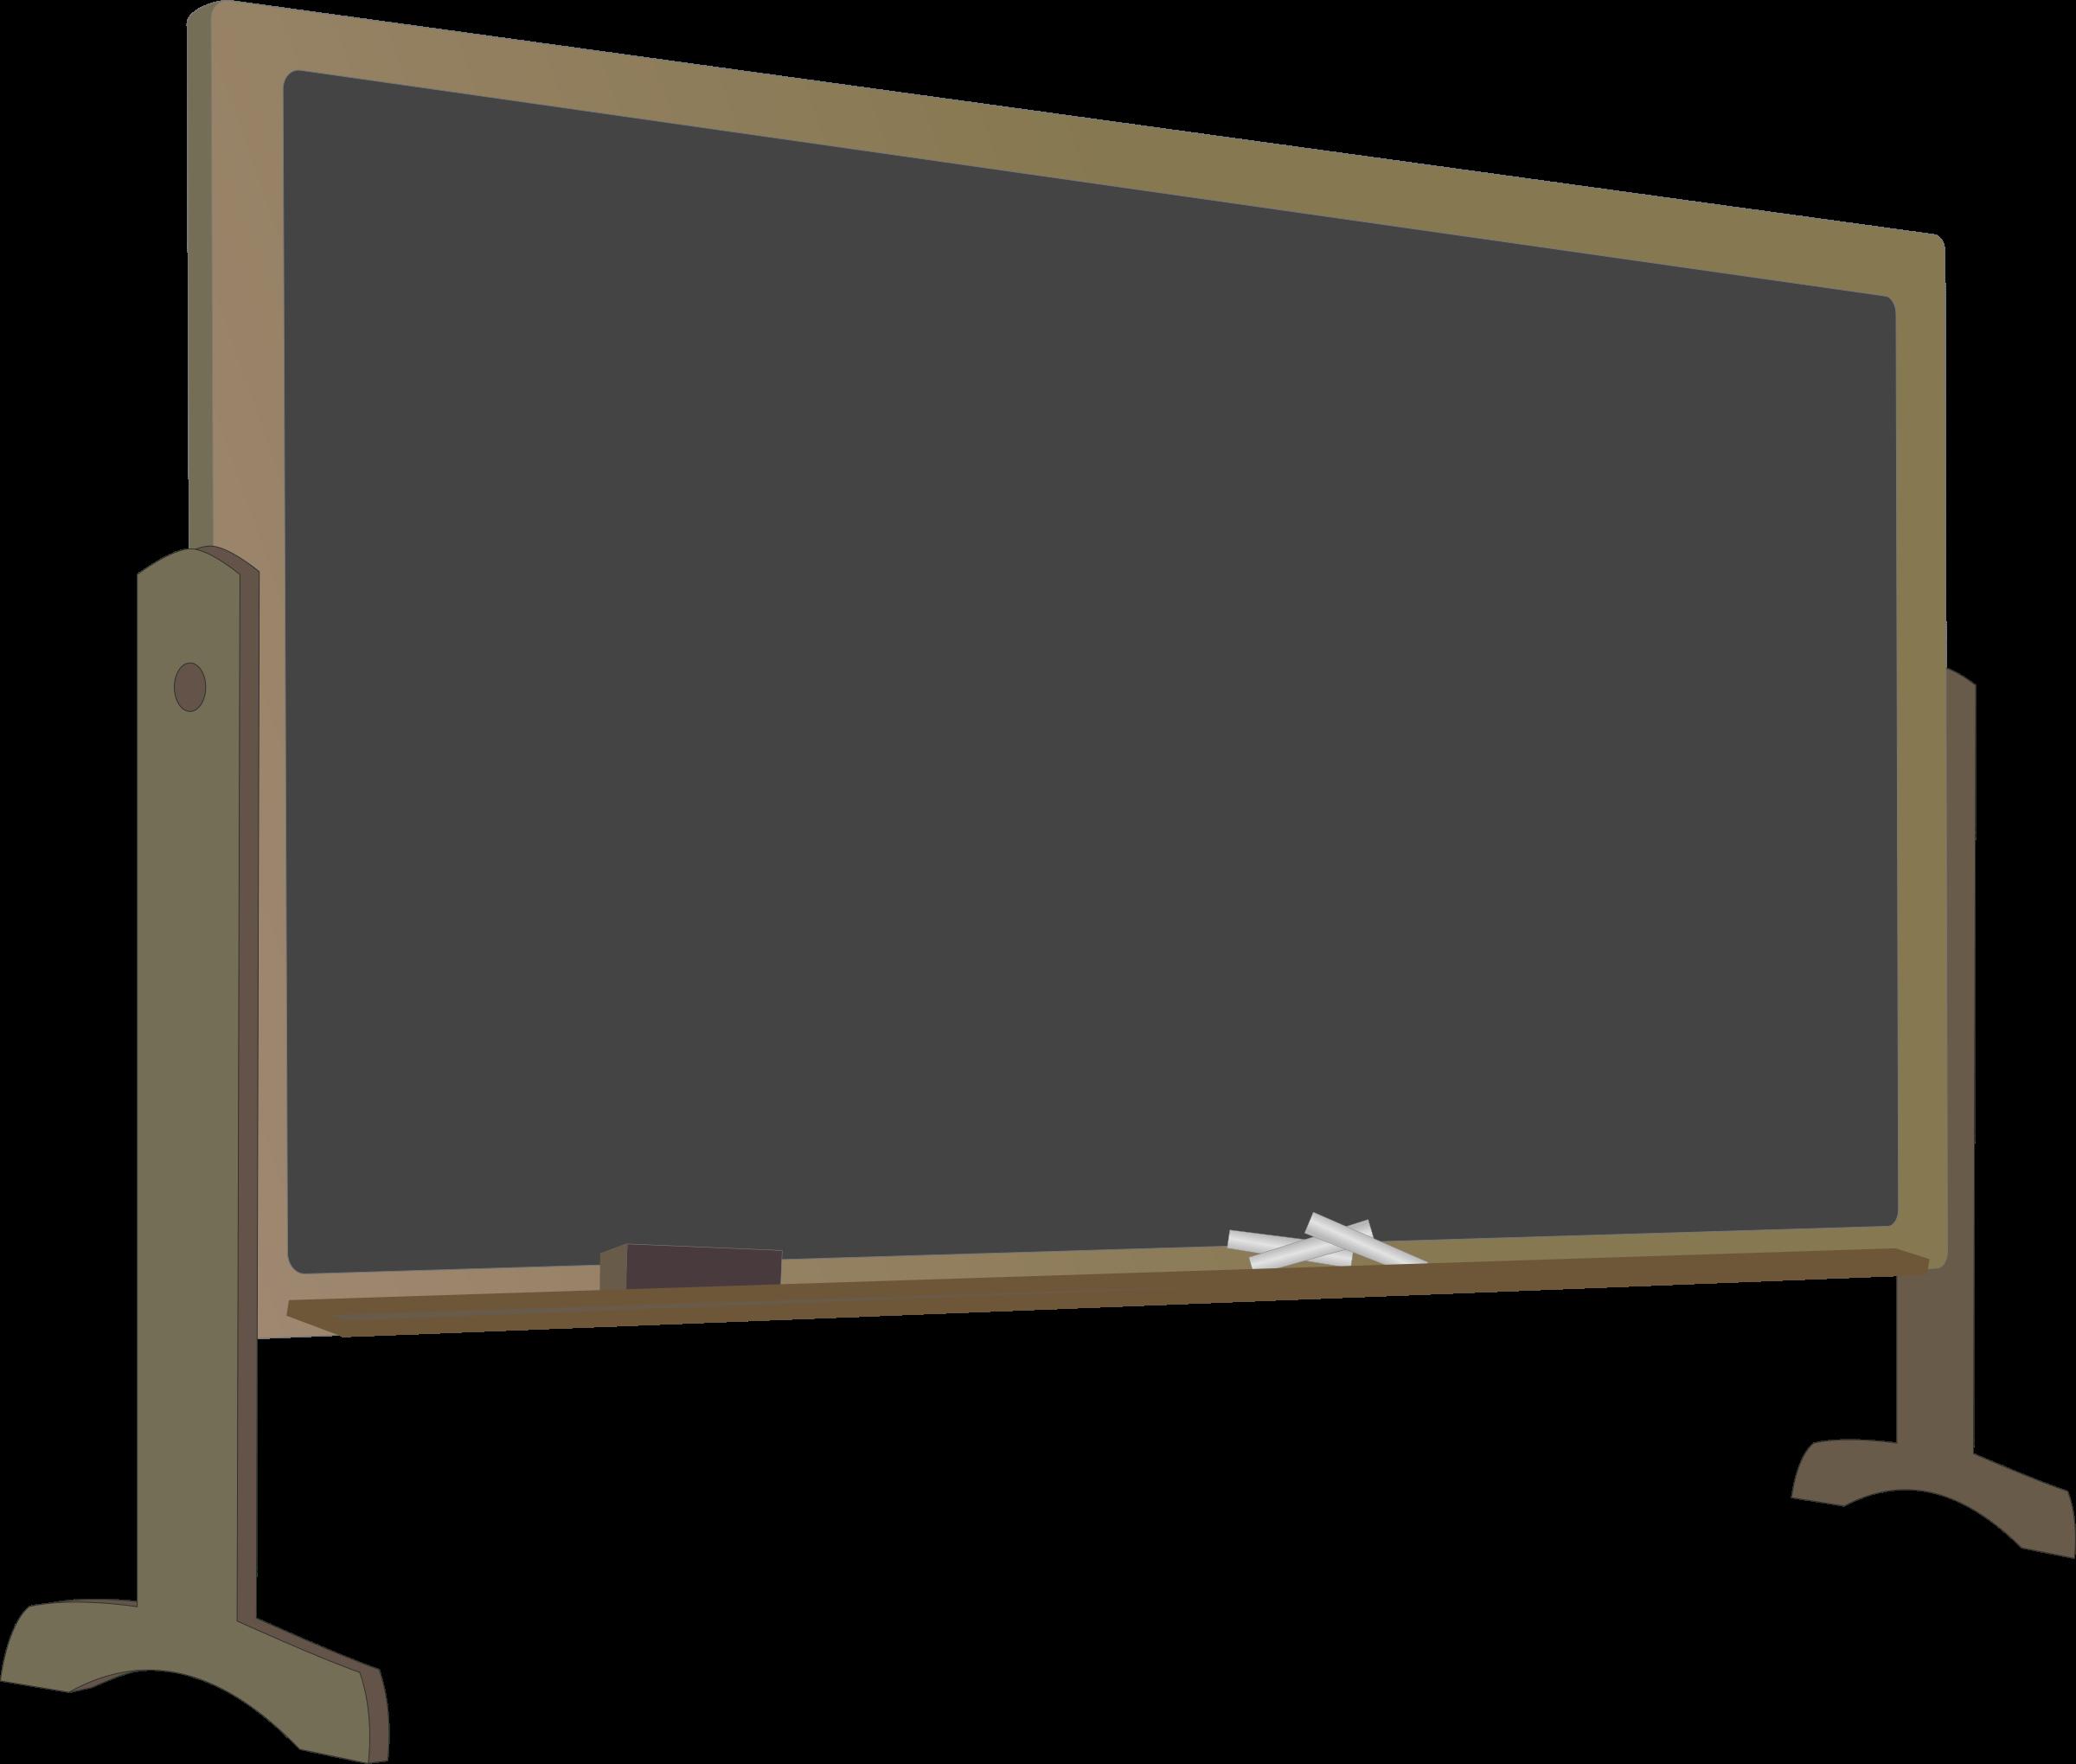 School blackboard clipart clip art black and white stock Clipart - Blackboard with Stand clip art black and white stock